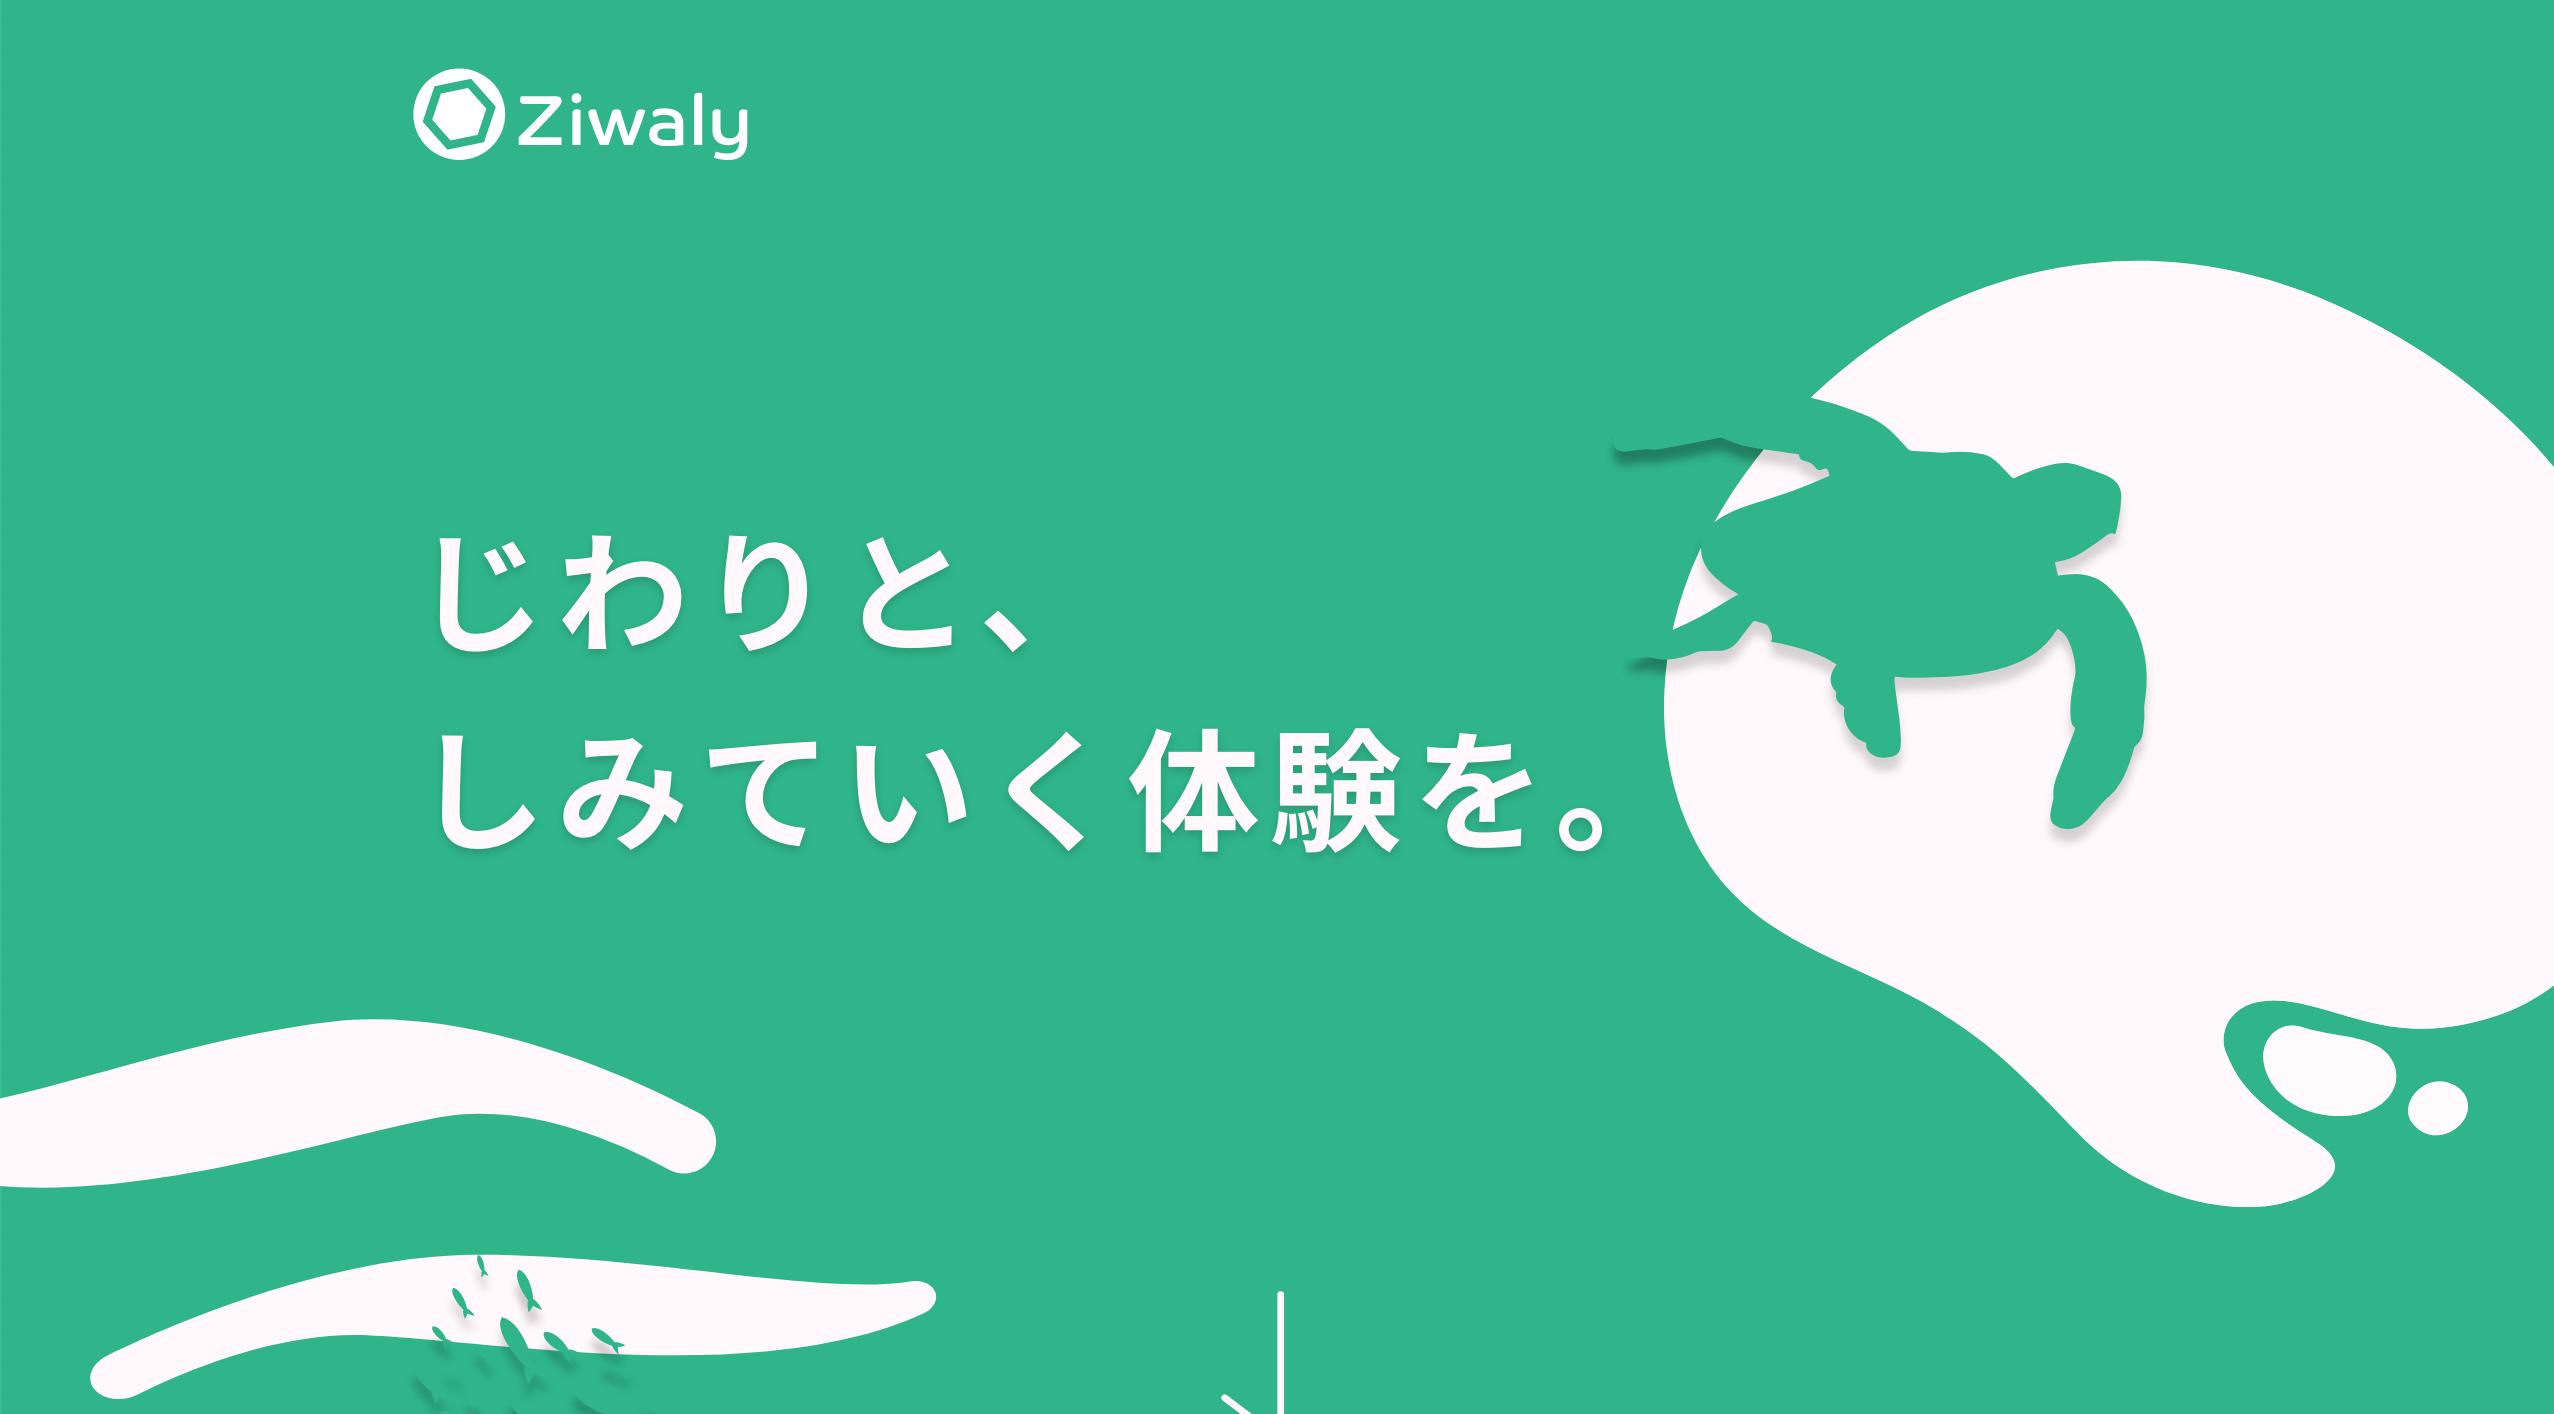 Ziwaly, Inc. | 神戸市須磨区のWEB制作会社